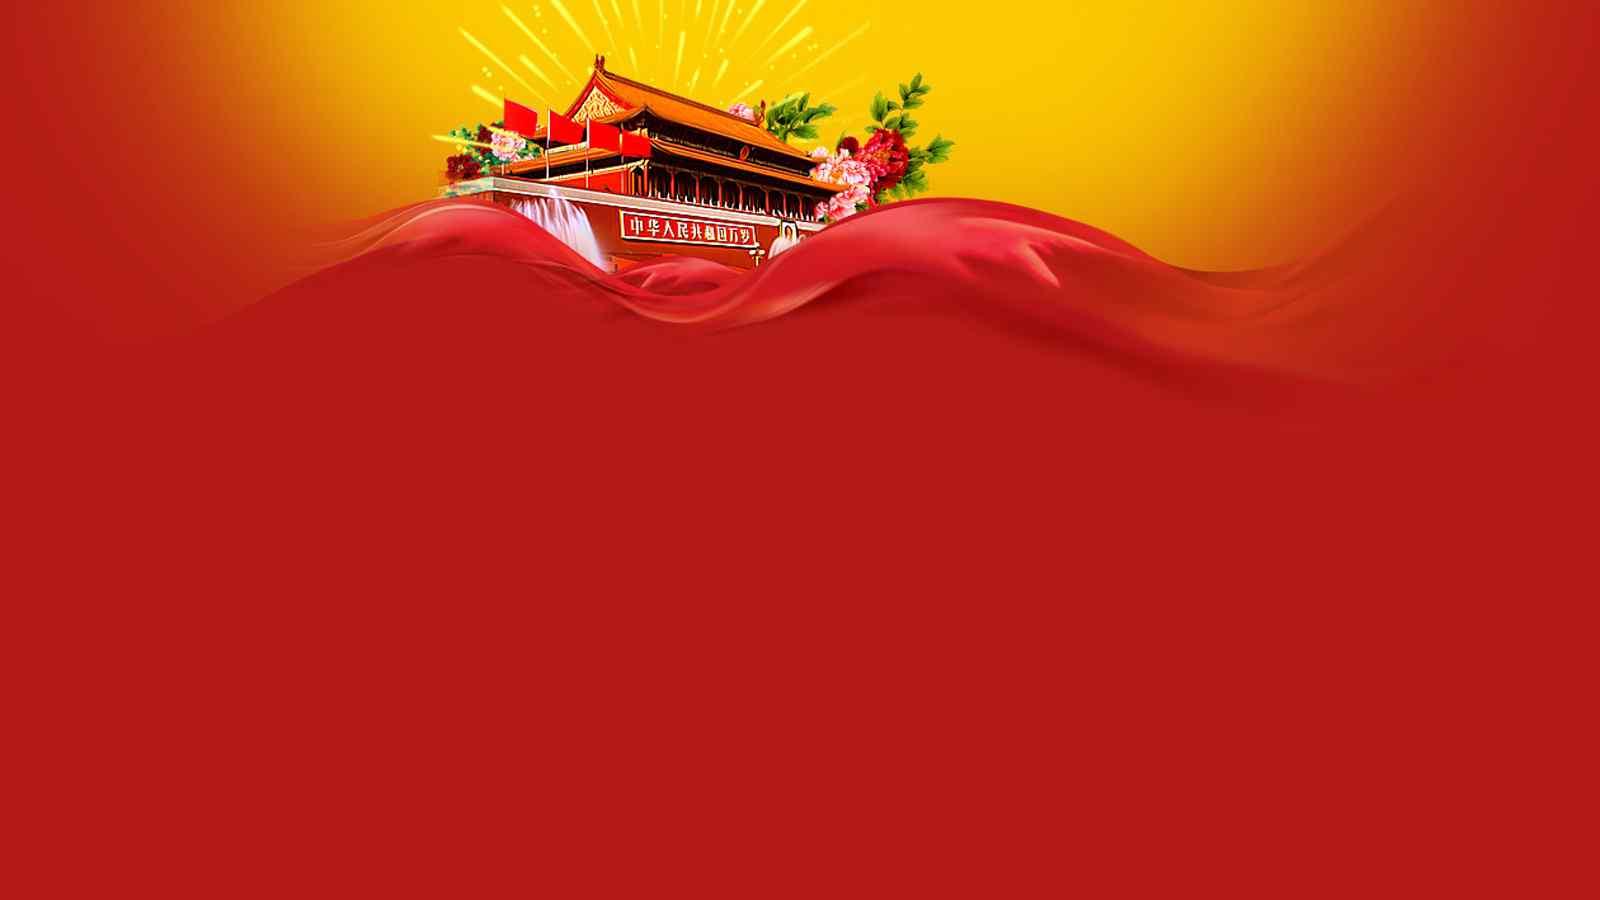 十一国庆节大气火红的图片壁纸